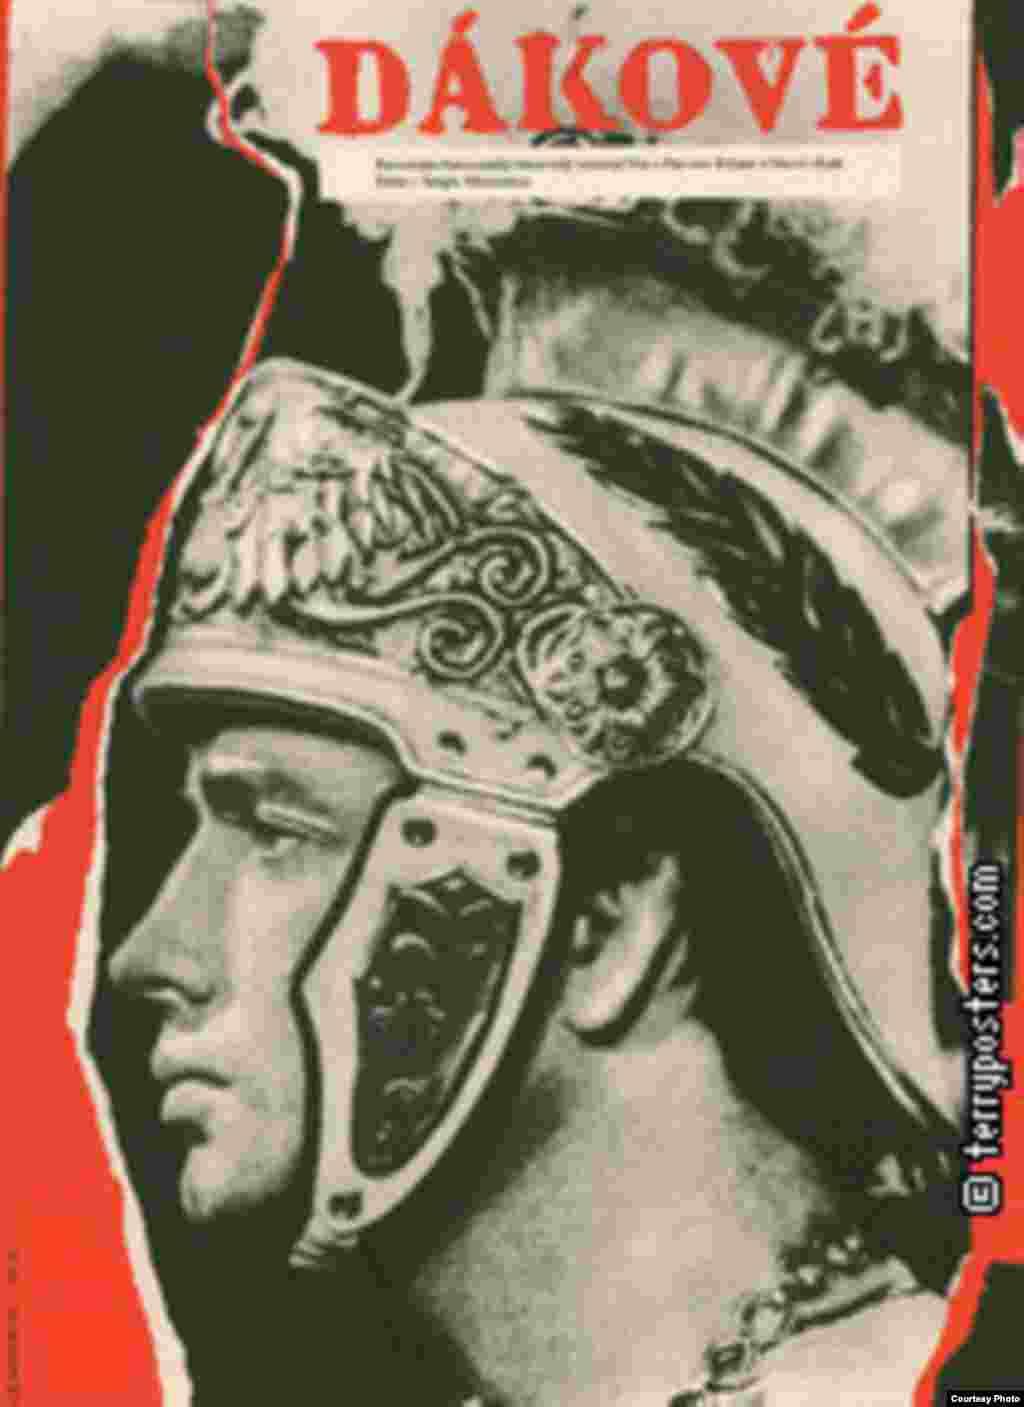 Dacii, România, 1967, Jiří Balcar, courtesy Terry Posters